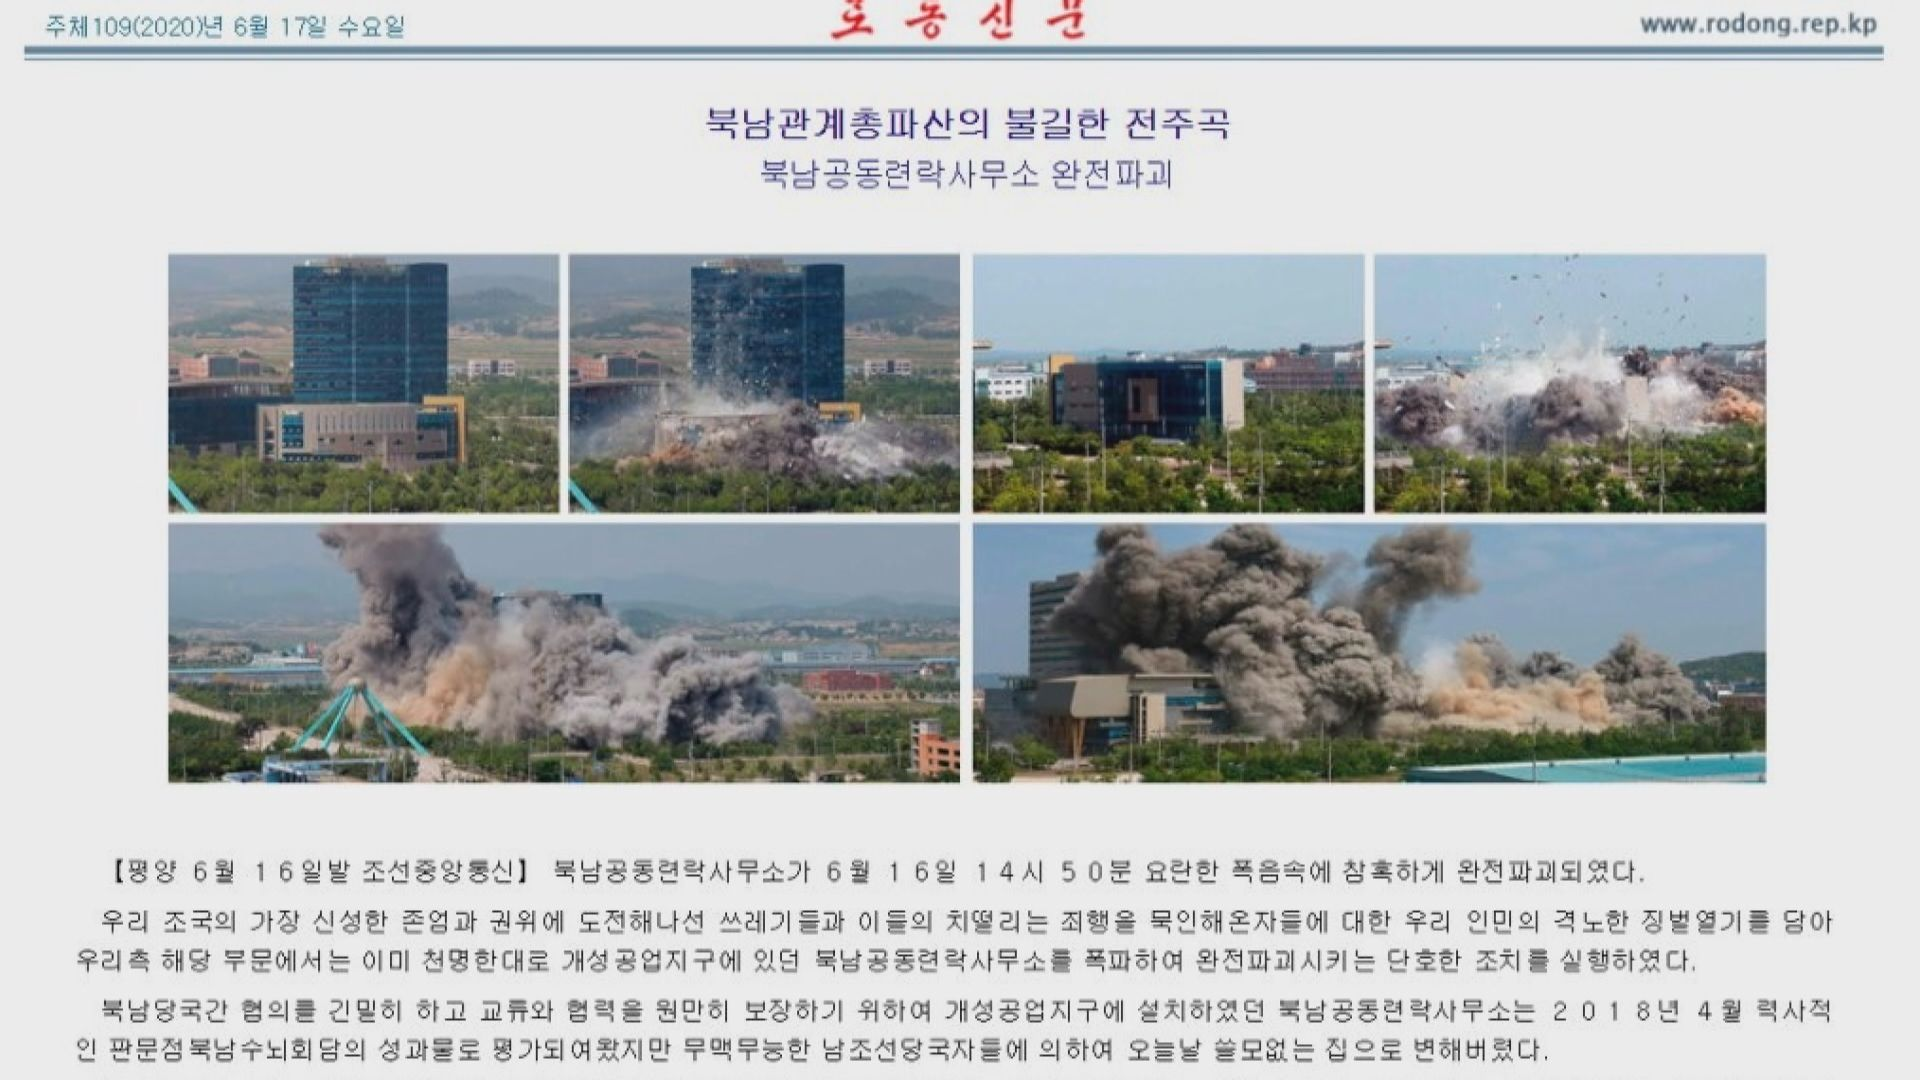 北韓炸毀聯絡辦公室 或因經濟在疫情下陷困境有關